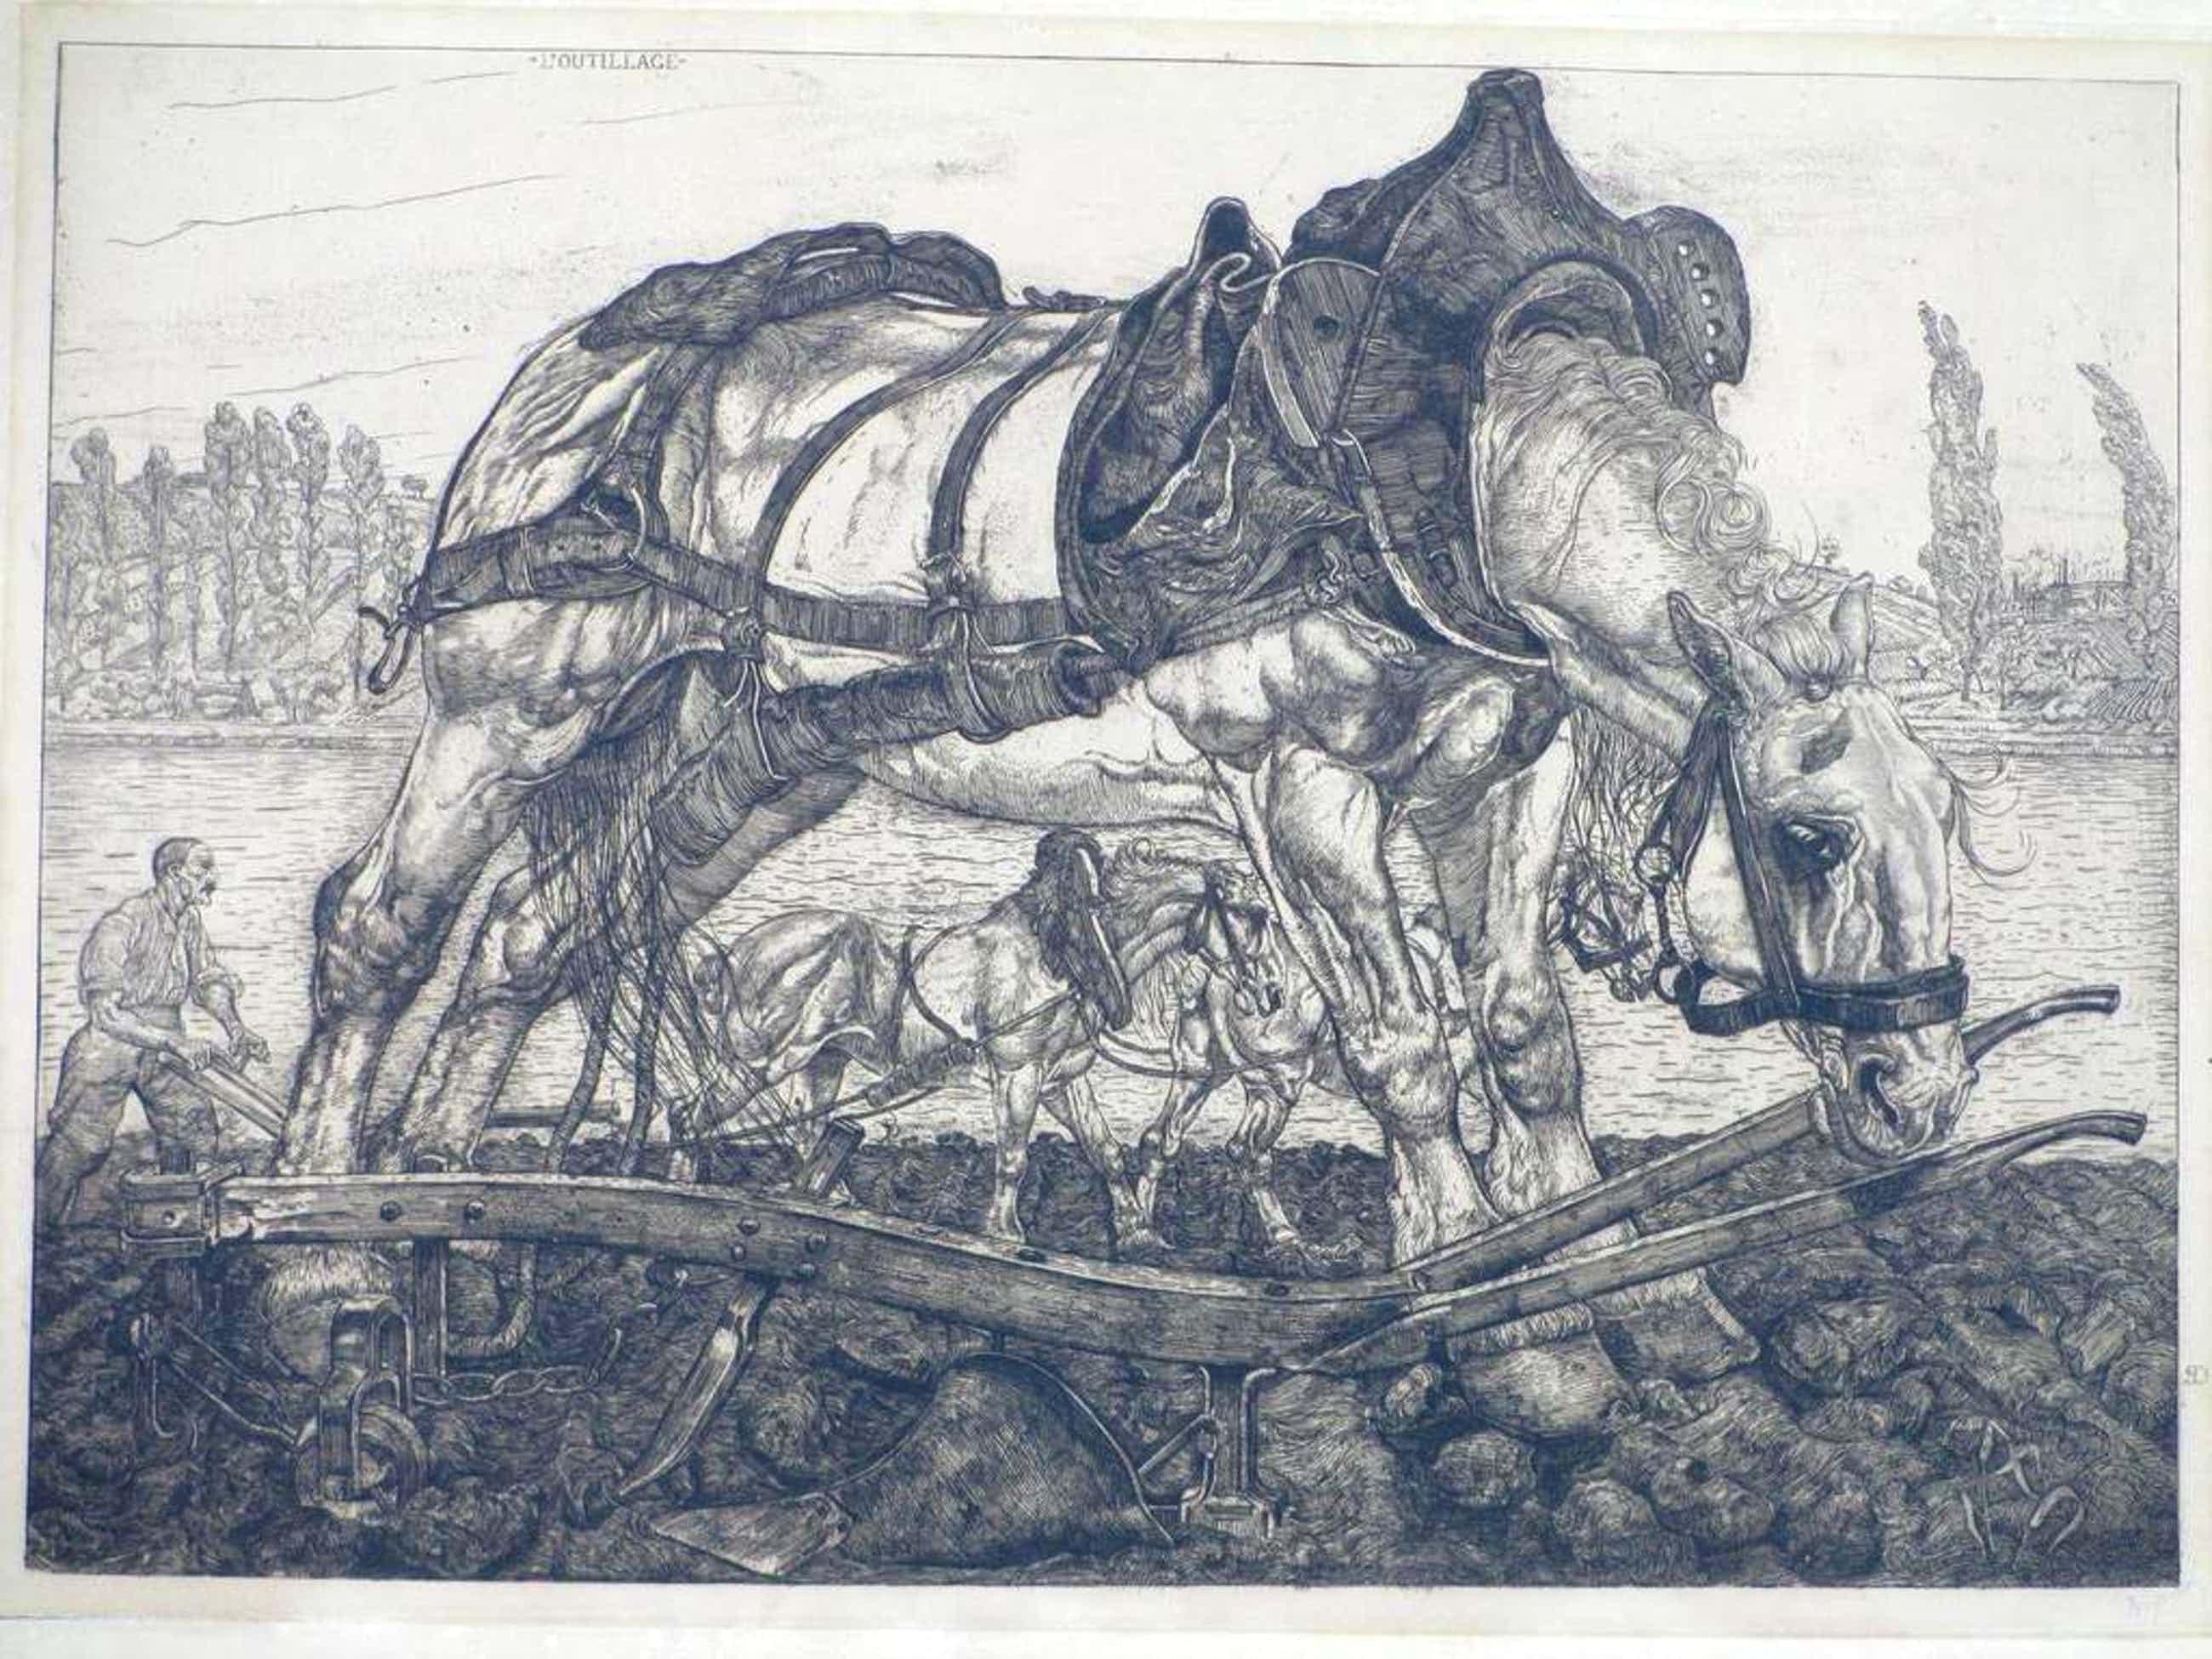 Pieter Dupont, Ploegpaard aan de oevers der Seine, Ets op koper kopen? Bied vanaf 150!